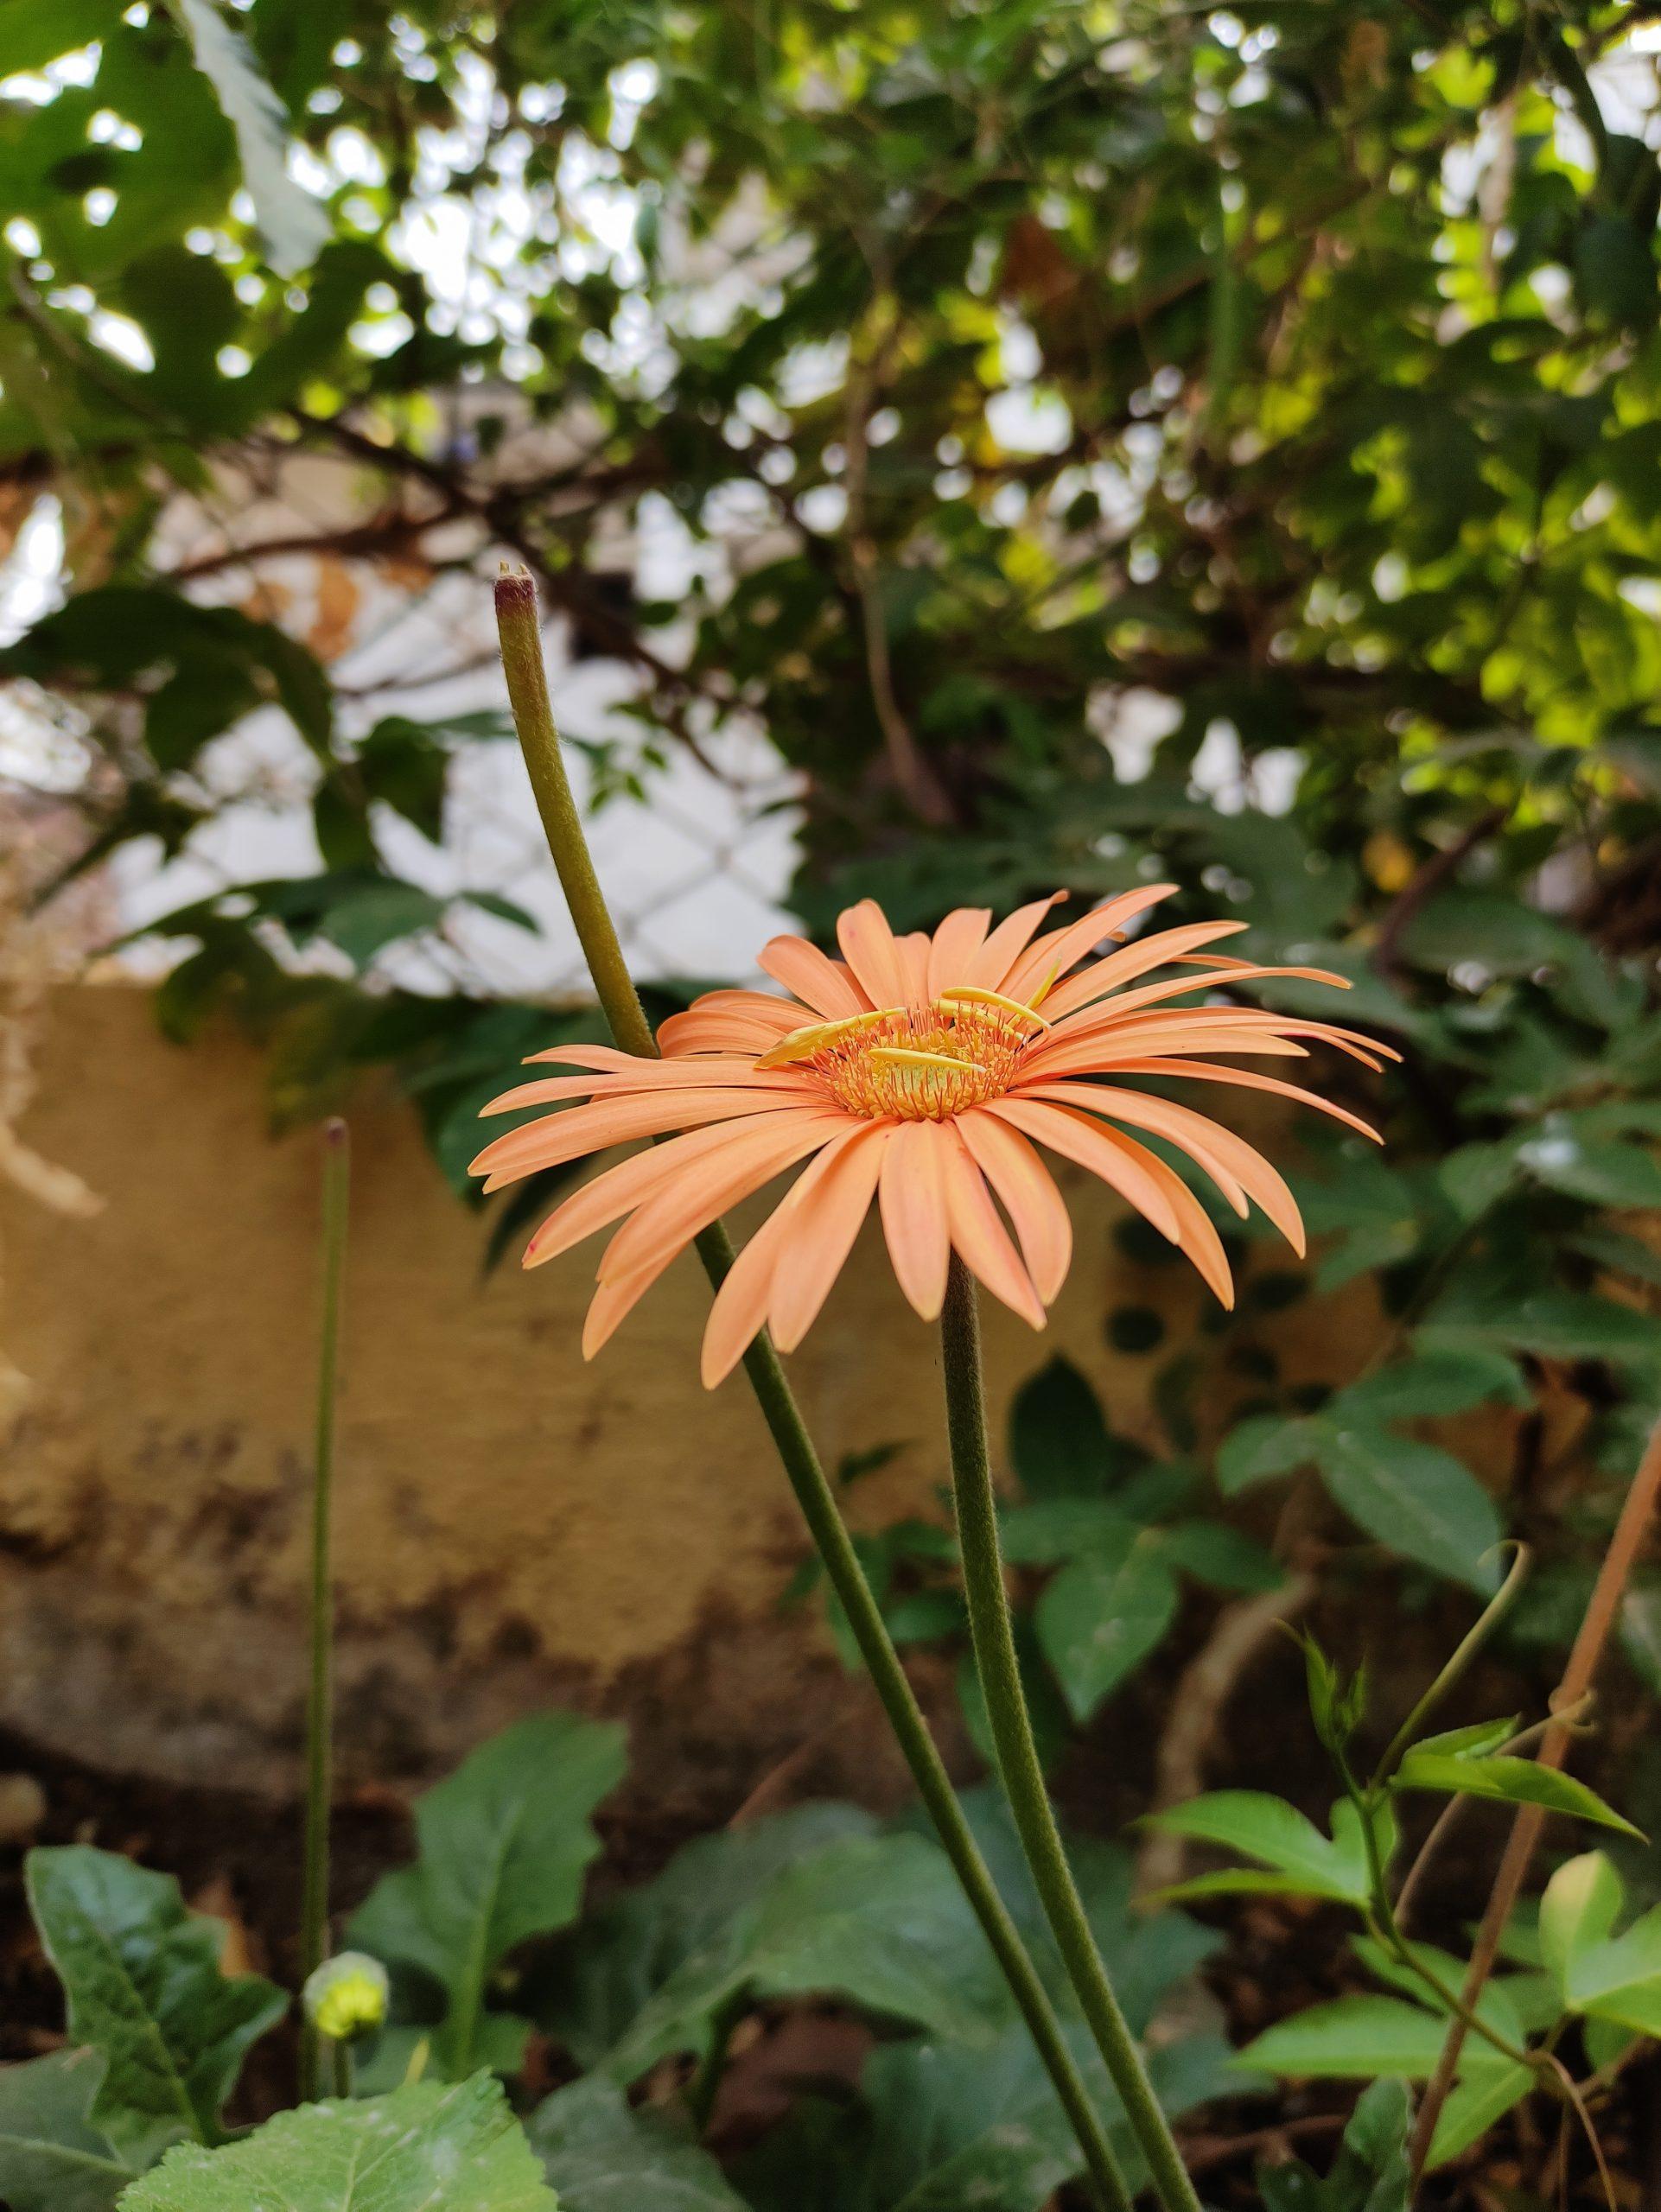 Blooming flower in the garden